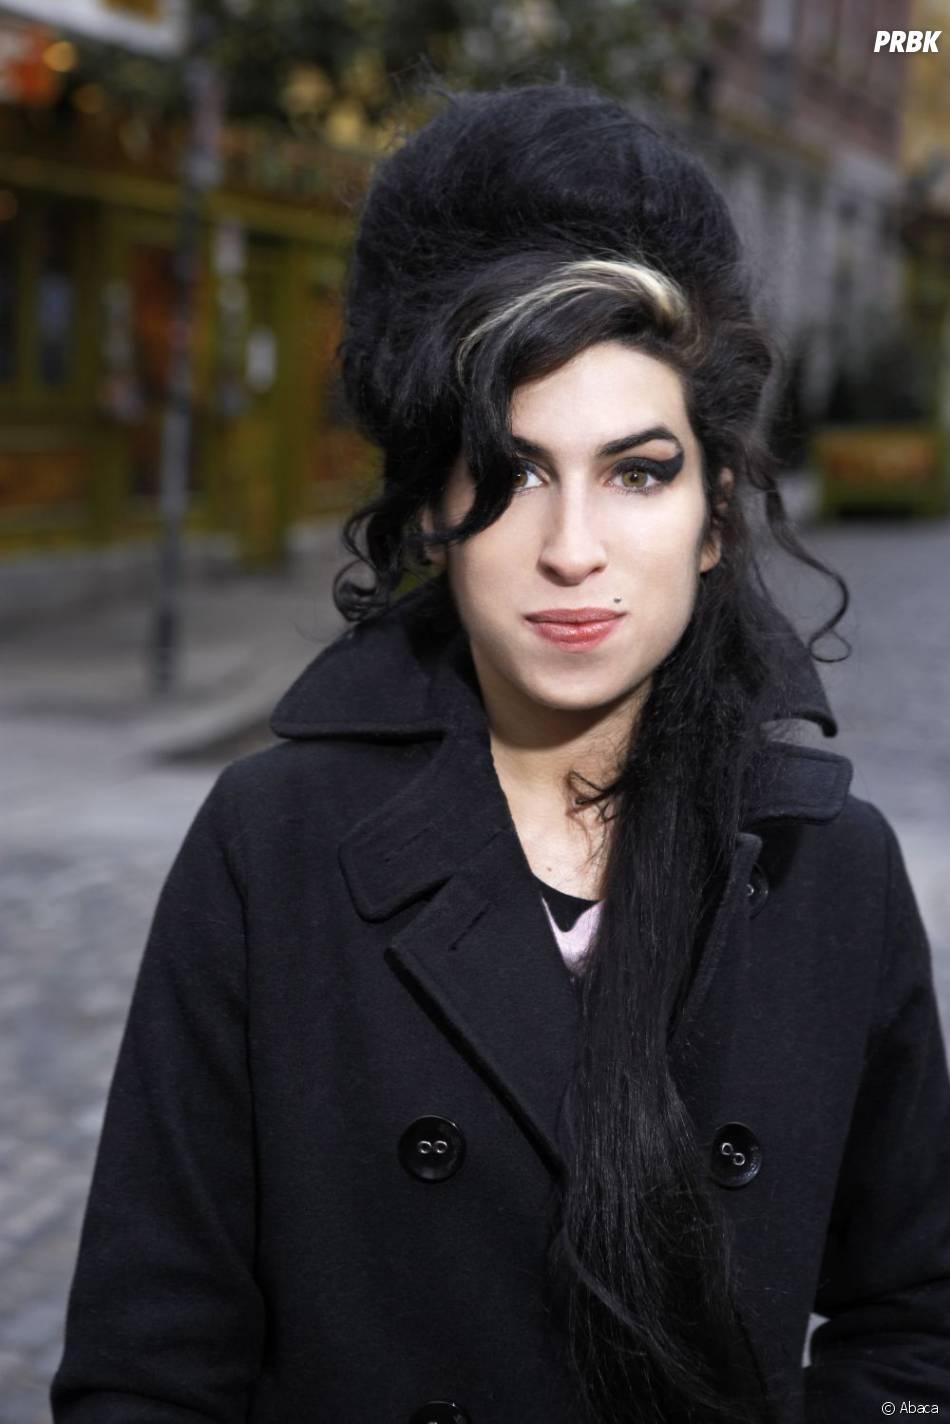 Le passé d'Amy Winehouse marqué par une tentative de suicide